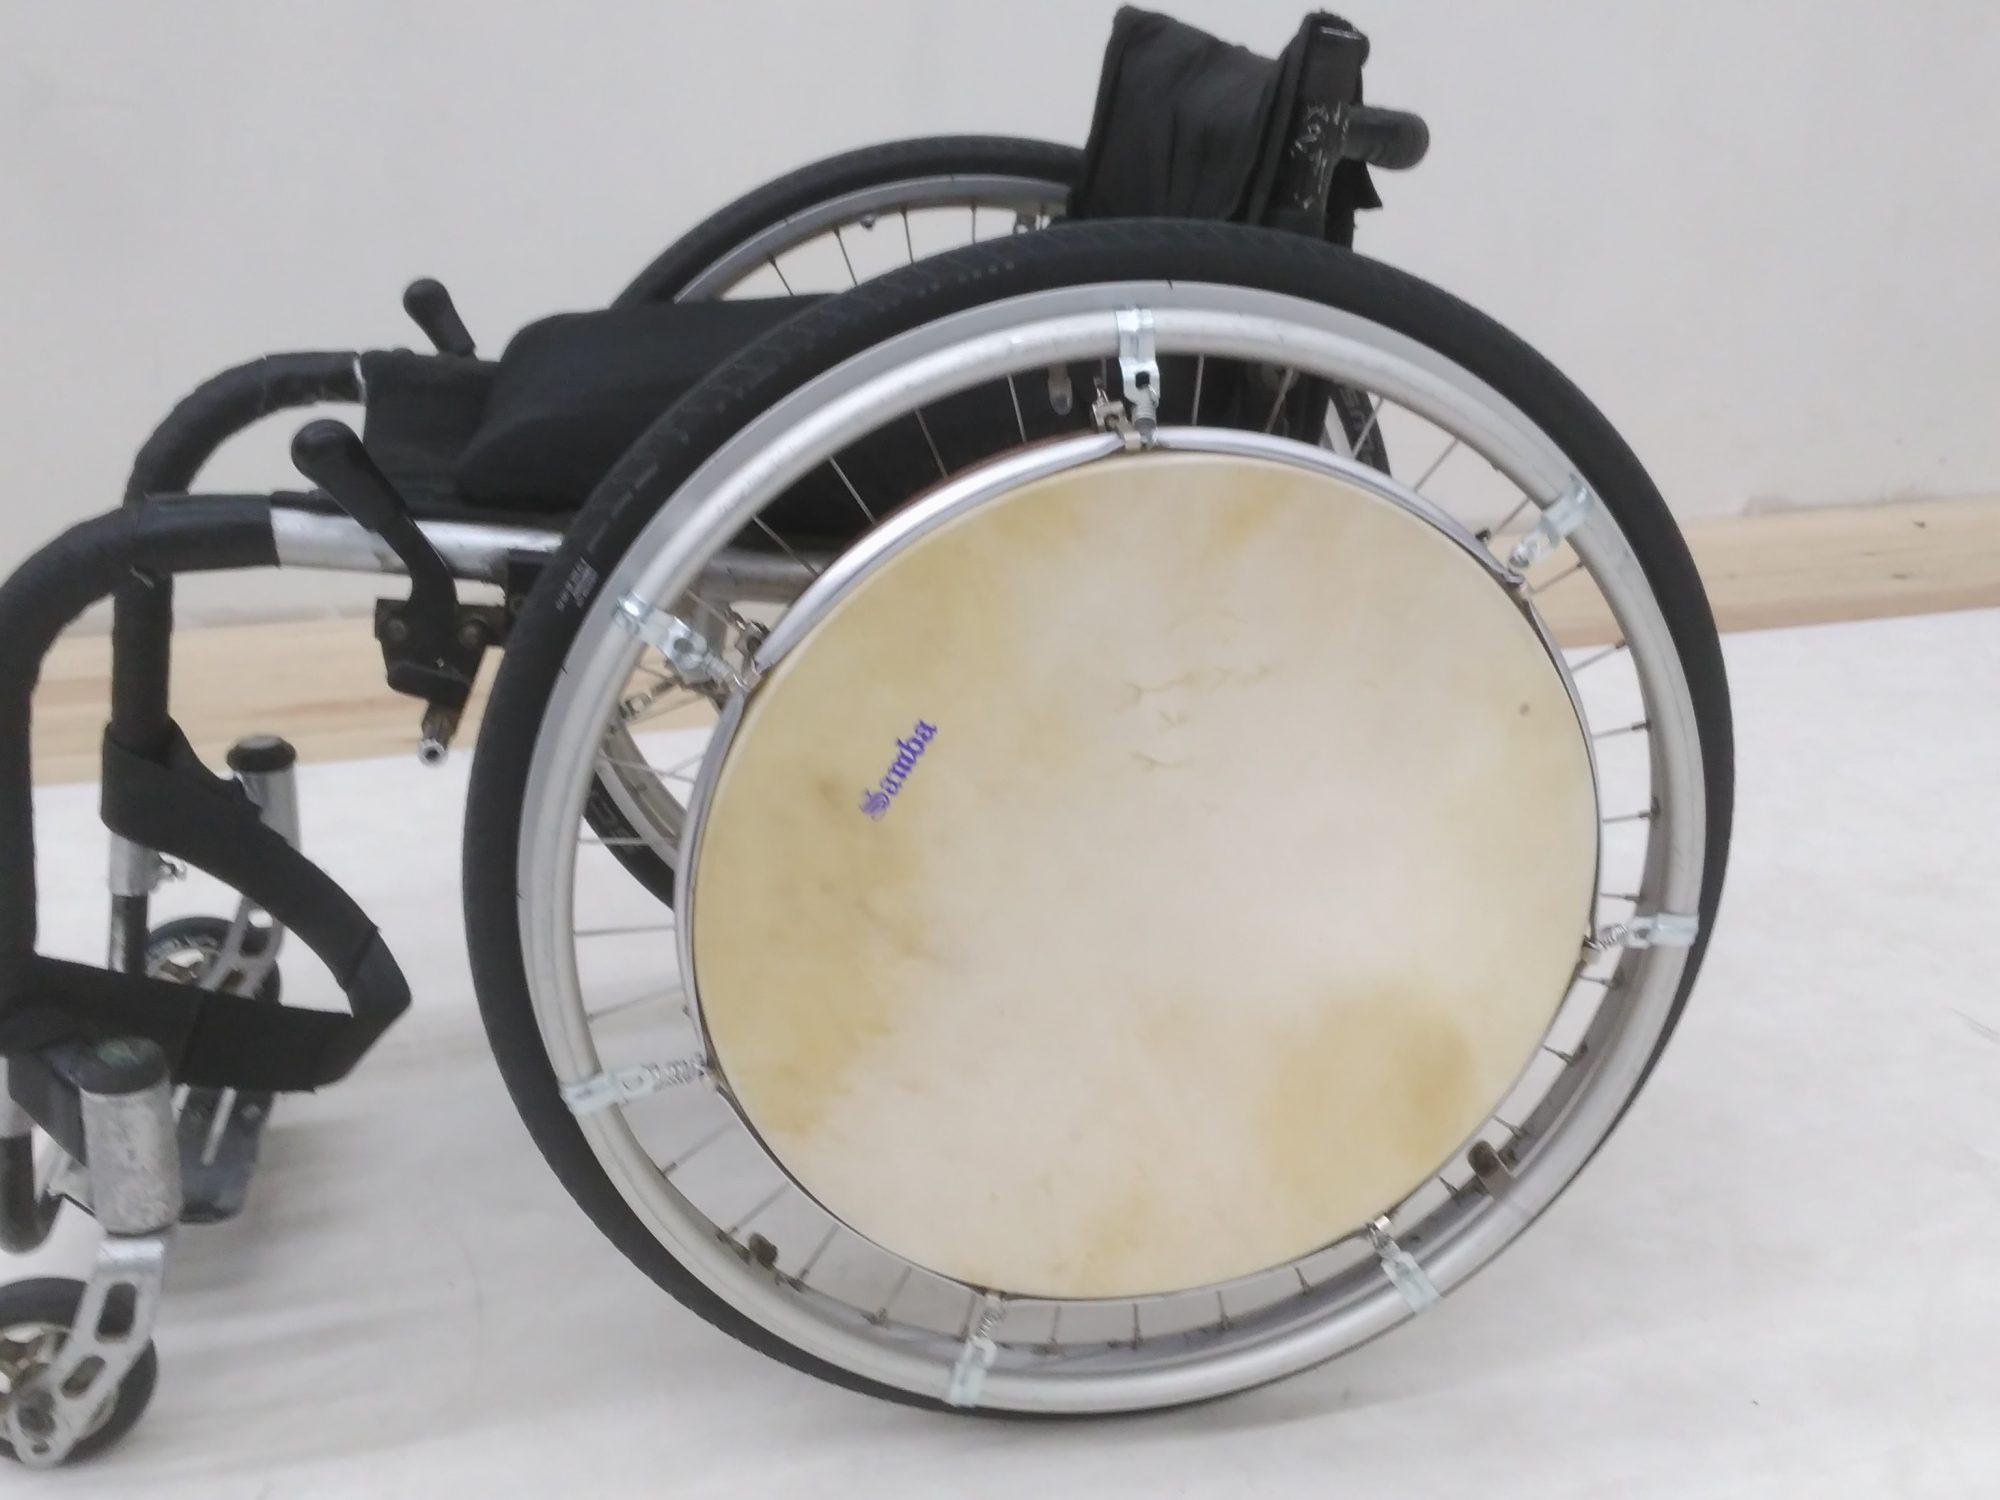 WheelChairDrum. Percusión para personas con movilidad reducida en silla de ruedas manual